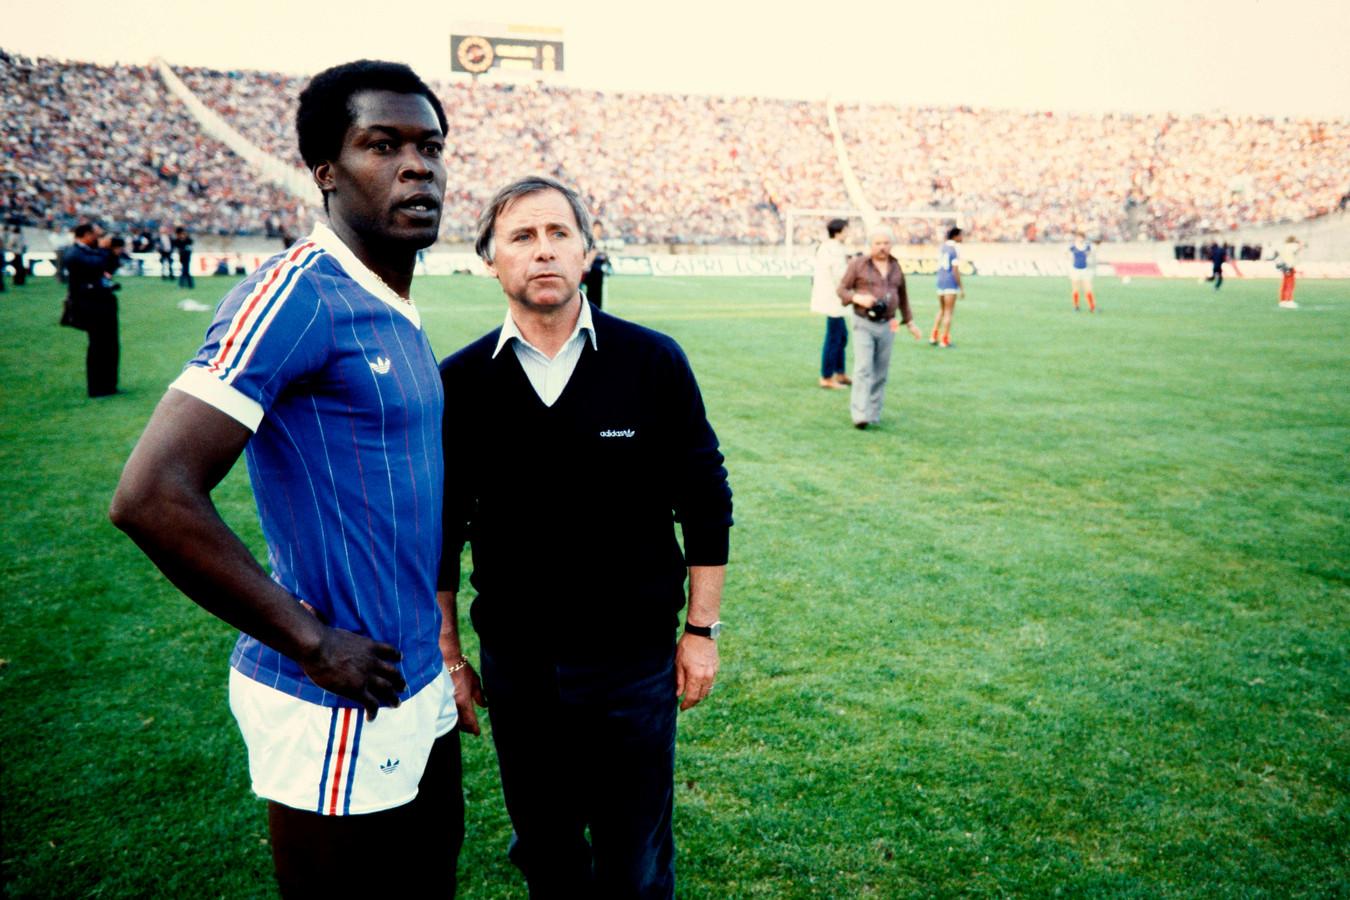 Michel Hidalgo (rechts) staat naast de voormalige libero Marius Trésor.